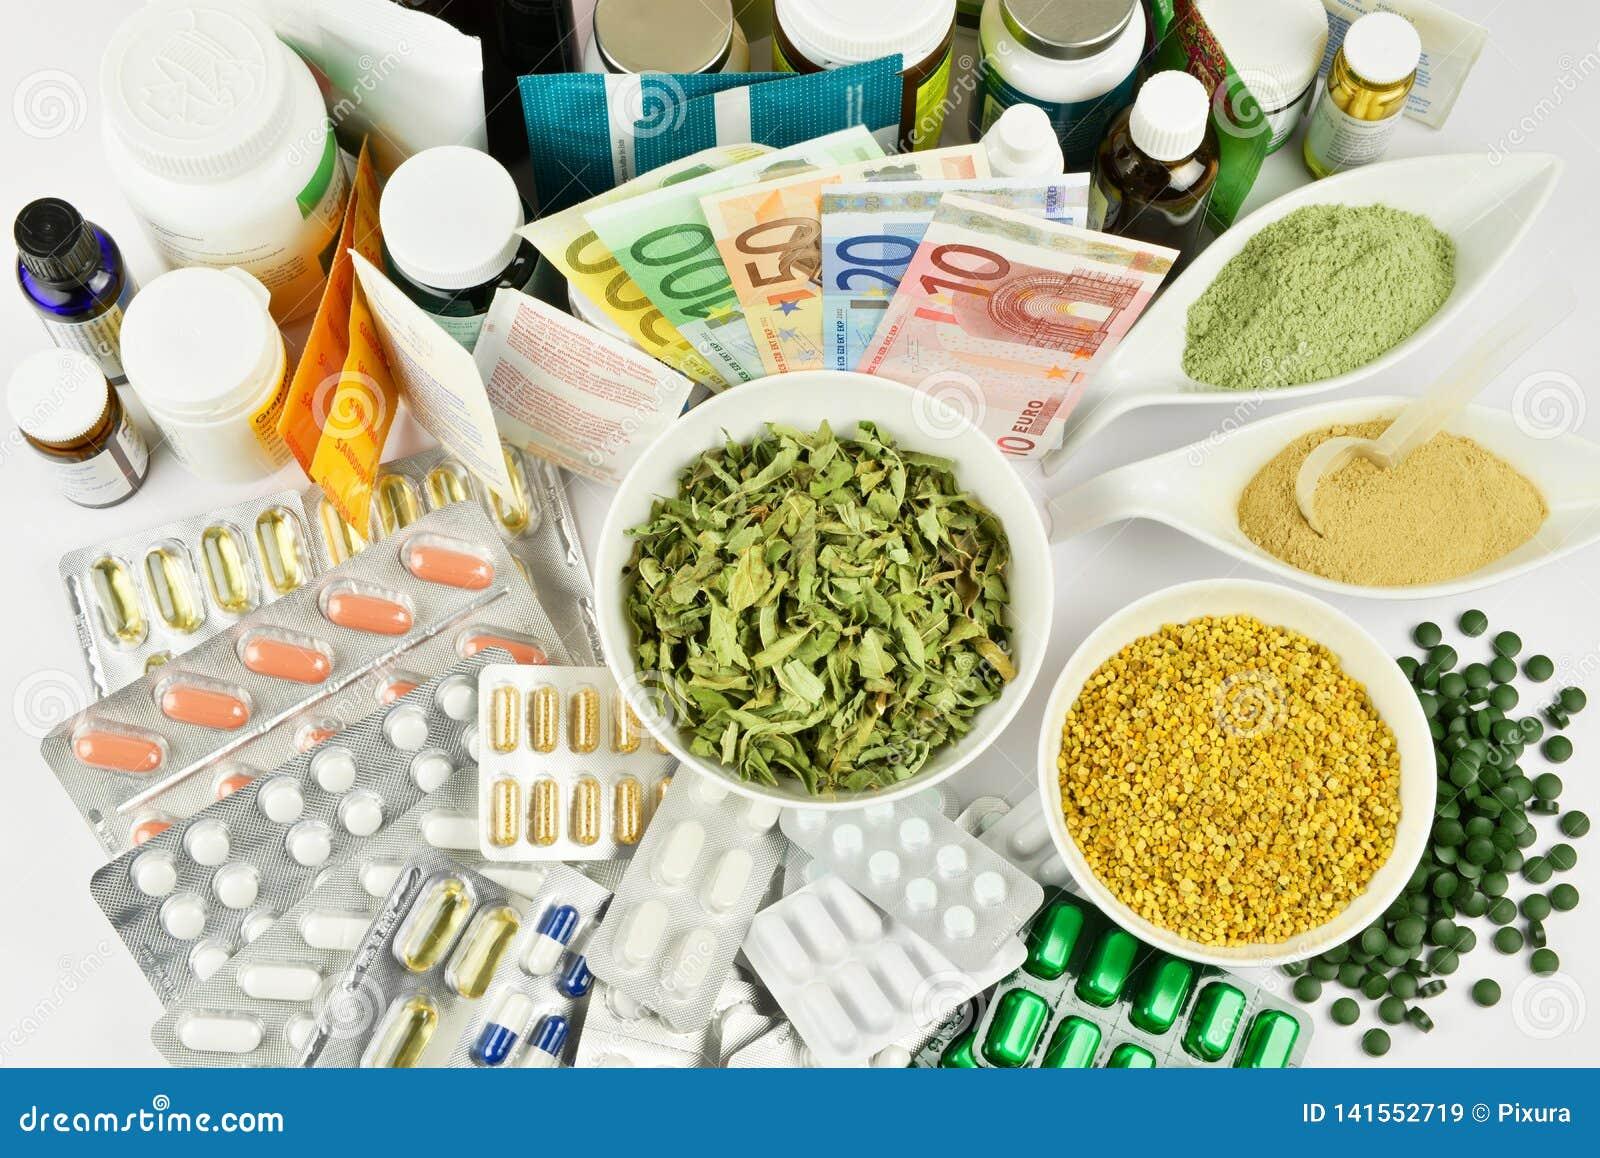 Υγιής έννοια διατροφής - κανένα ορατό εμπορικό σήμα